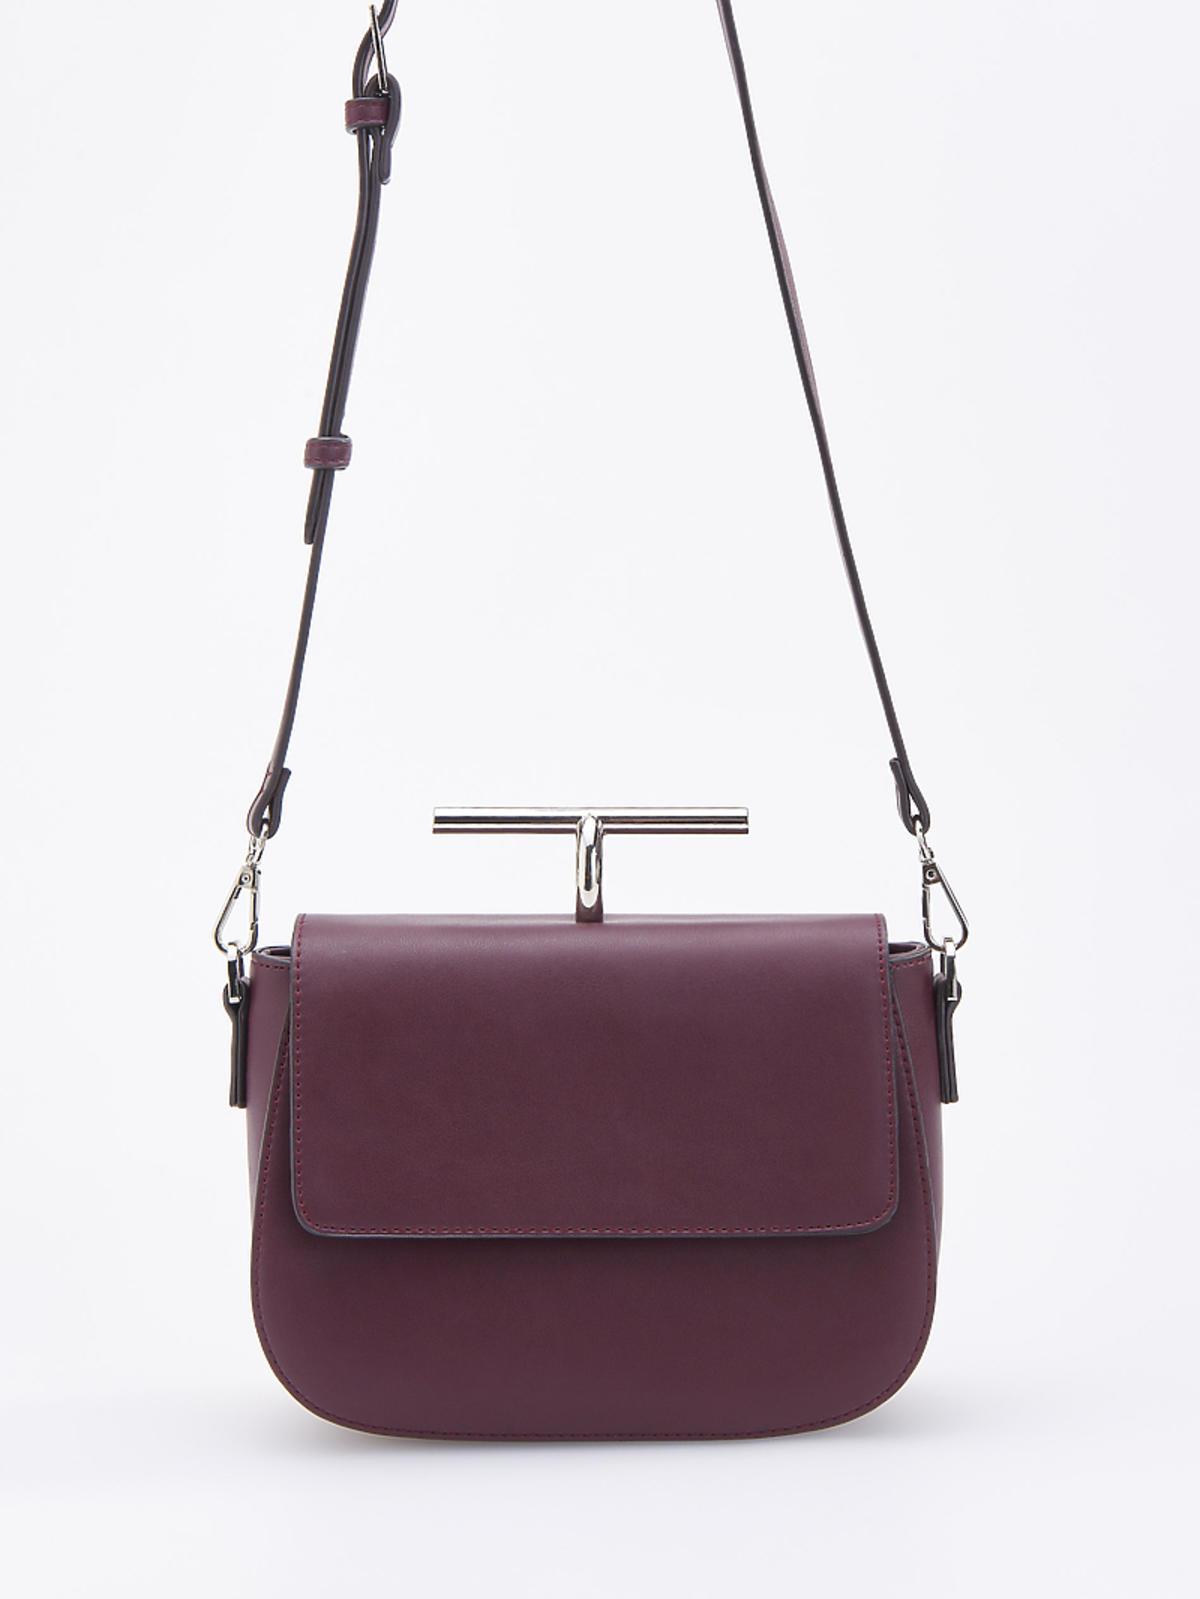 Mała torebka na ramię Reserved cena 149,90 zł